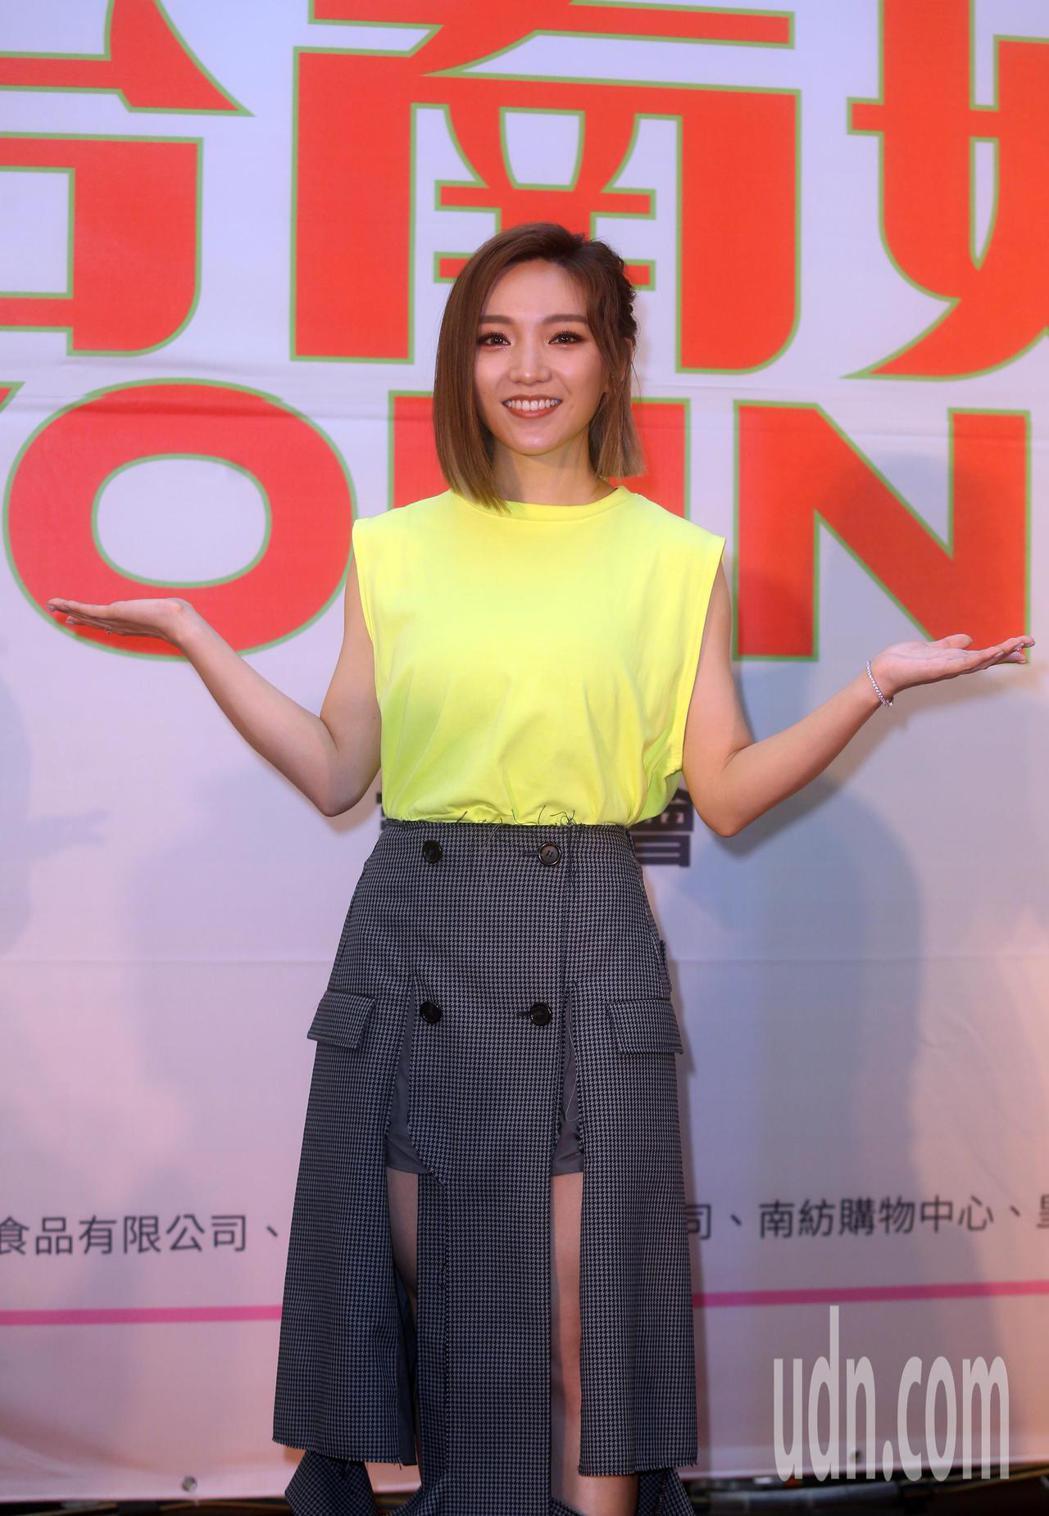 閻奕格上午出席「台南好YOUNG」台南耶誕跨年系列活動公佈記者會。記者曾吉松/攝...